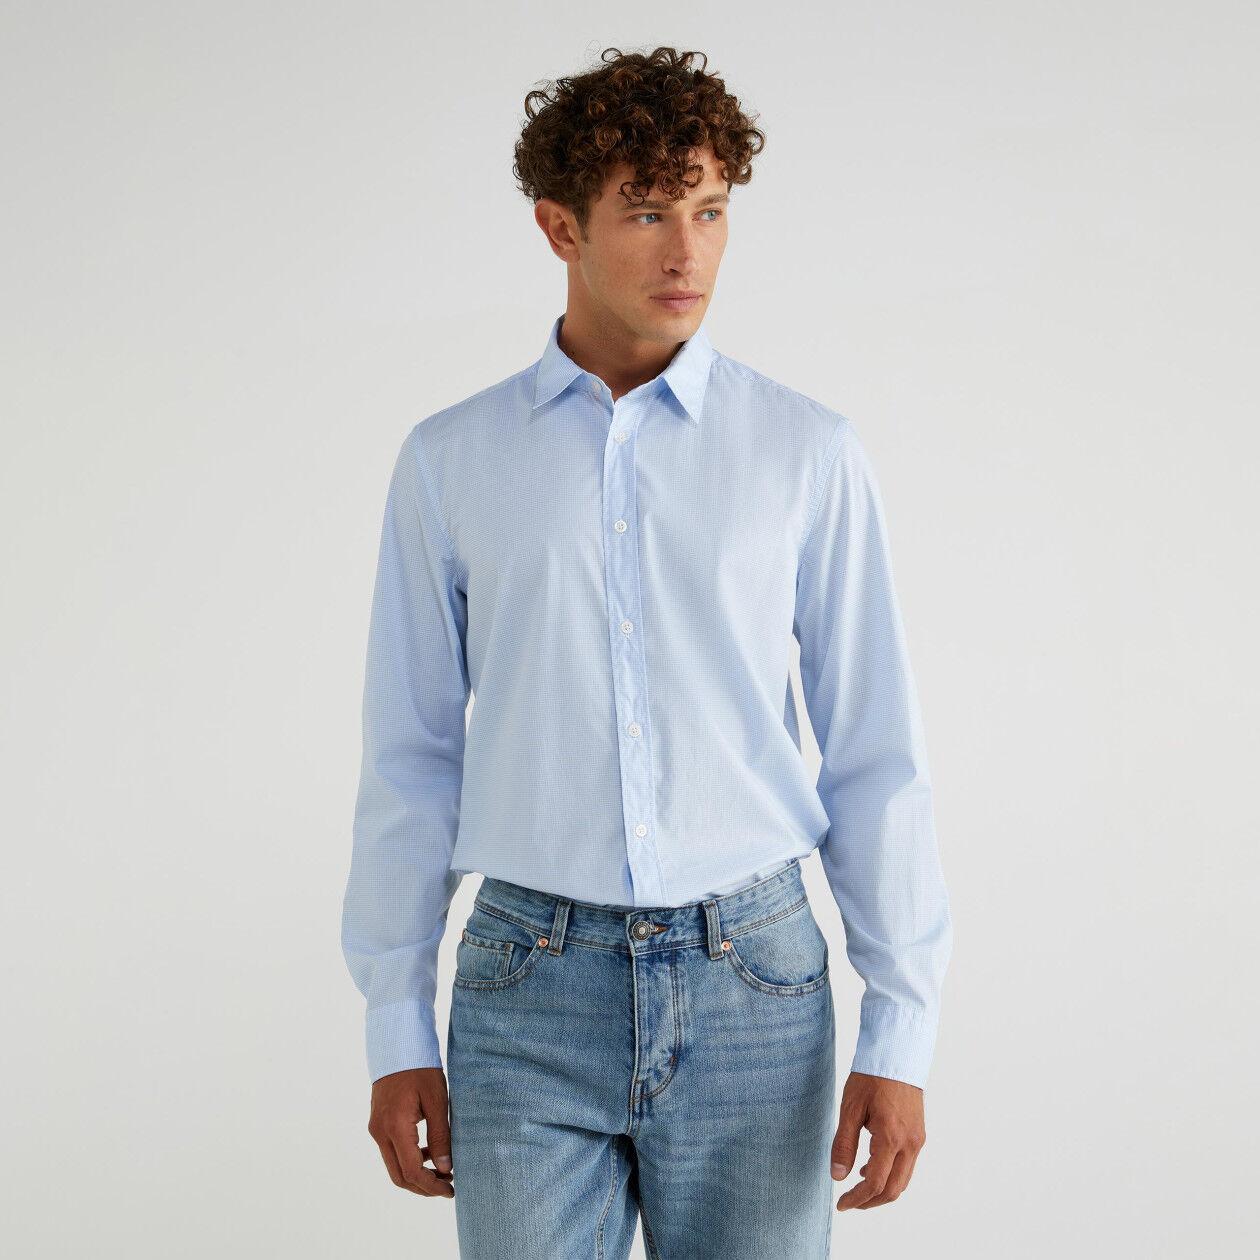 Camisa de algodão fio tinto